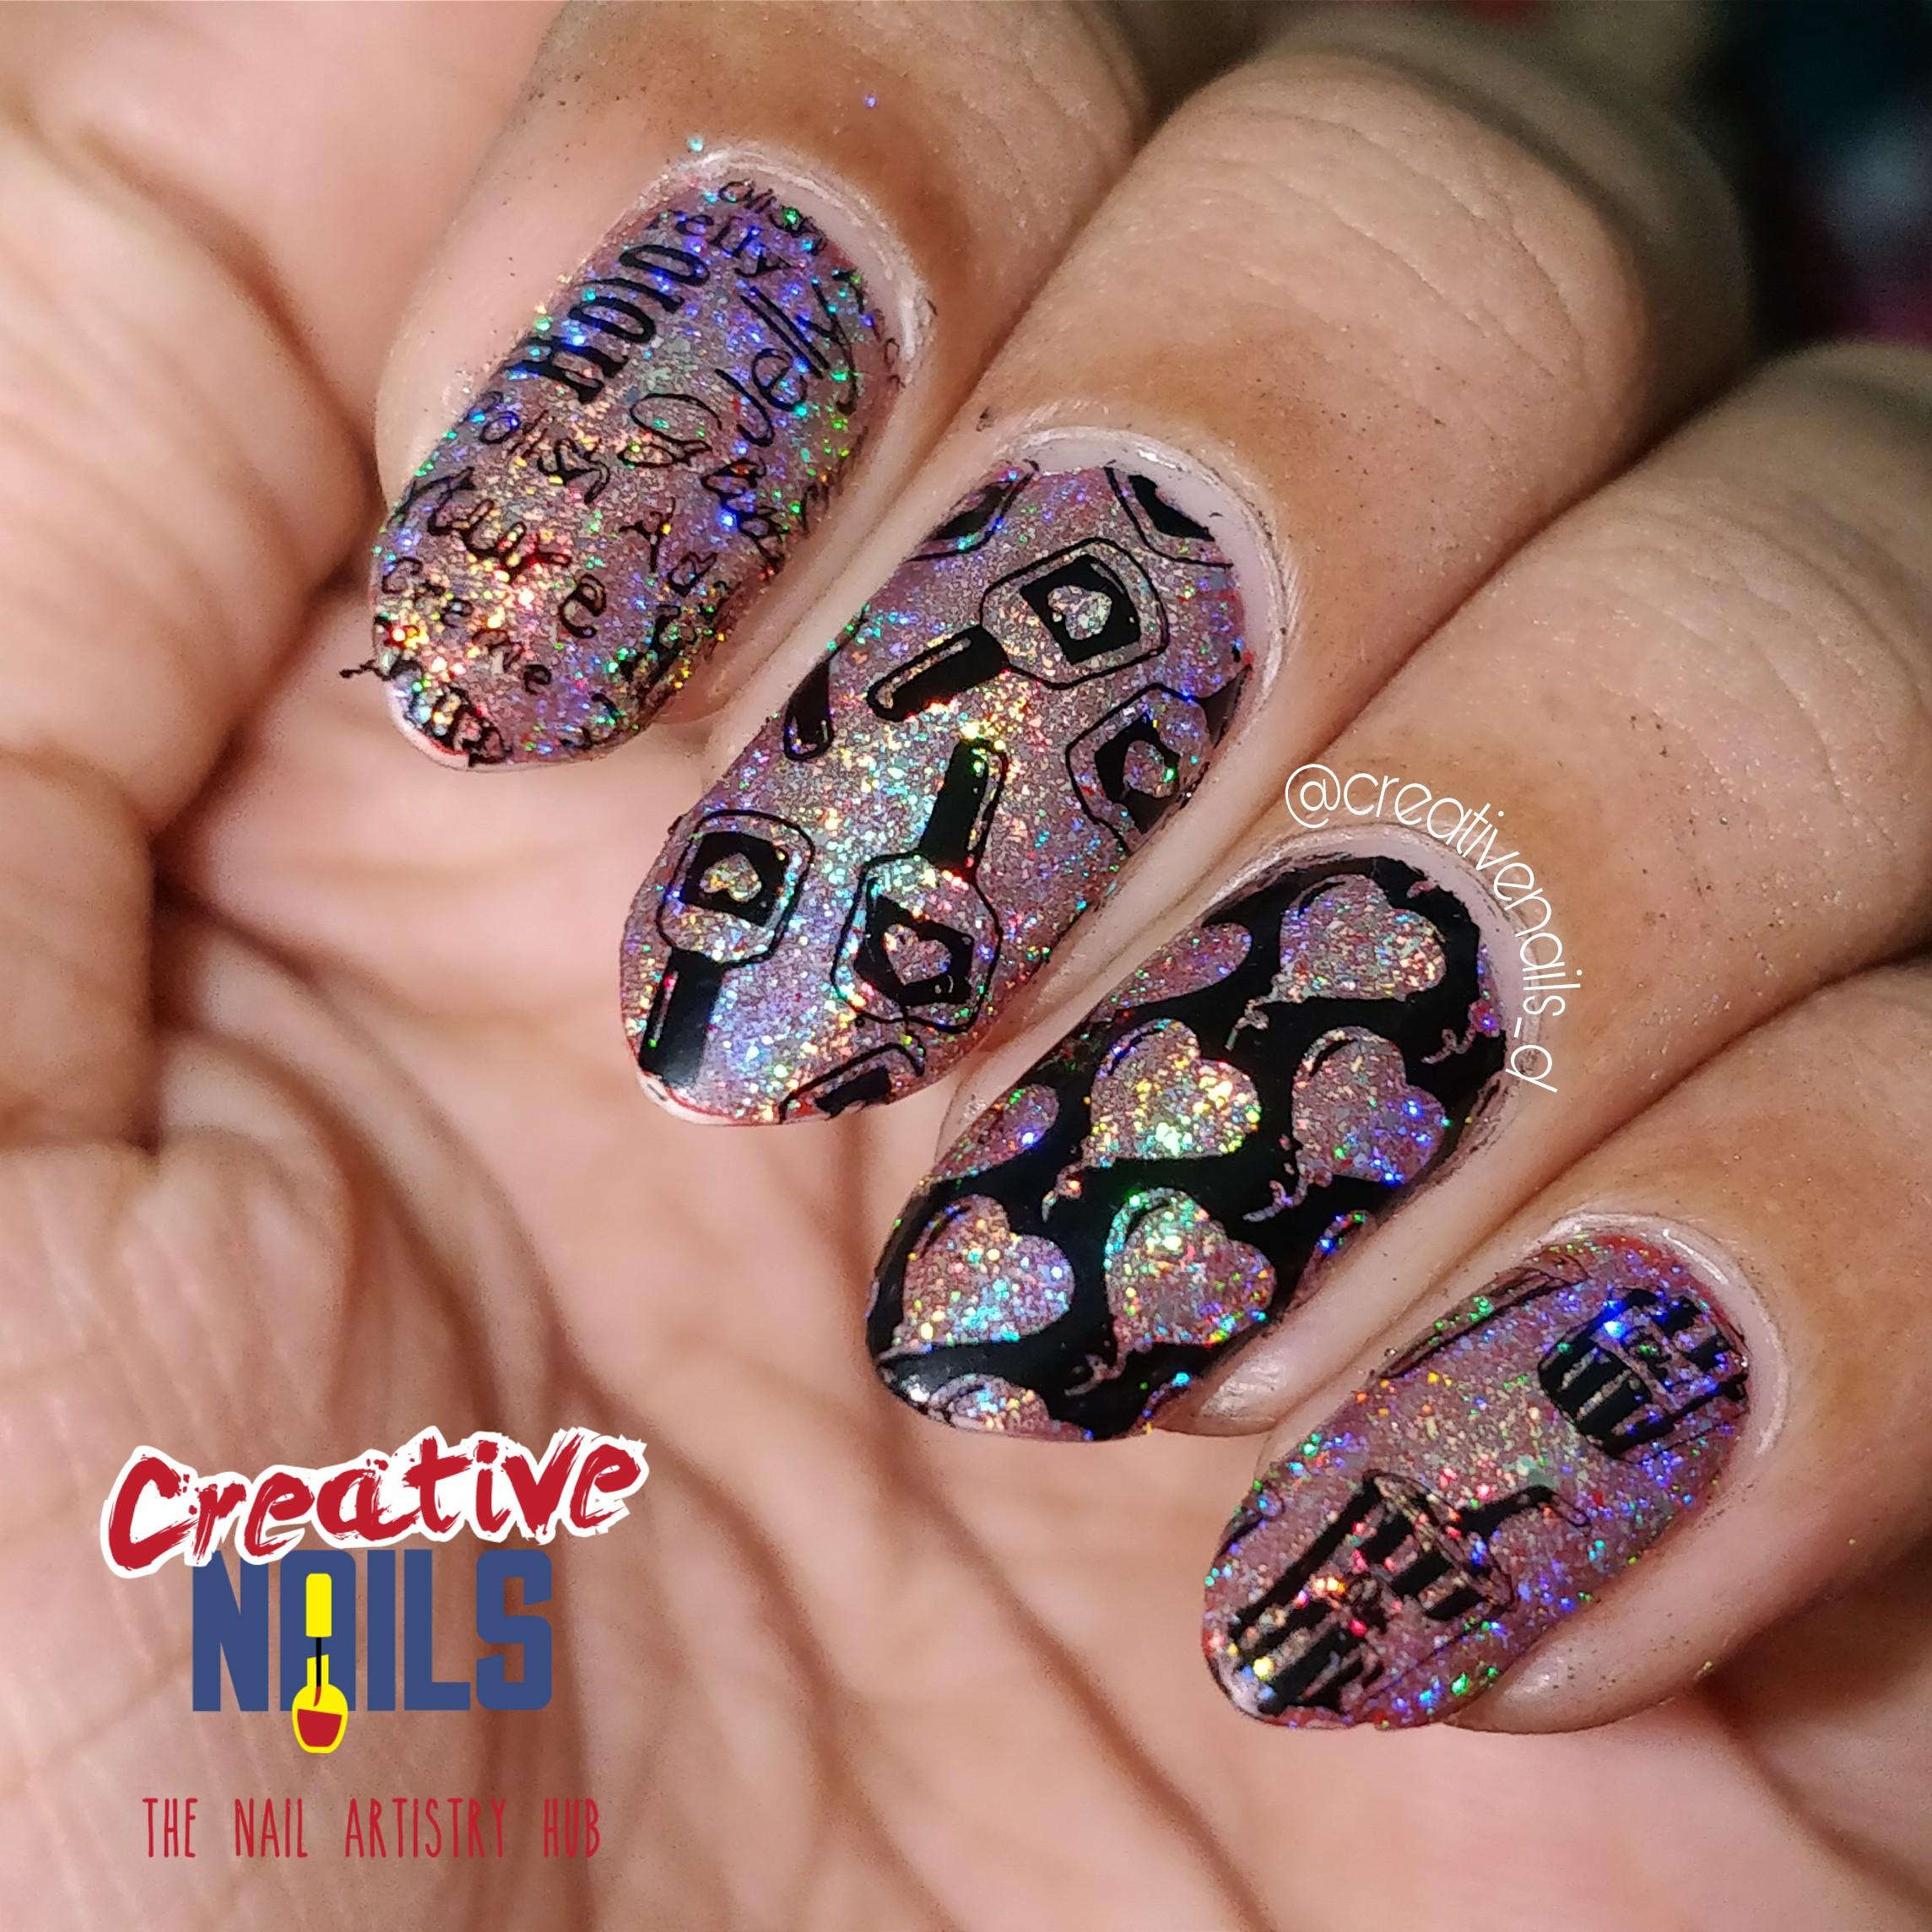 November 2017 – Creative Nails